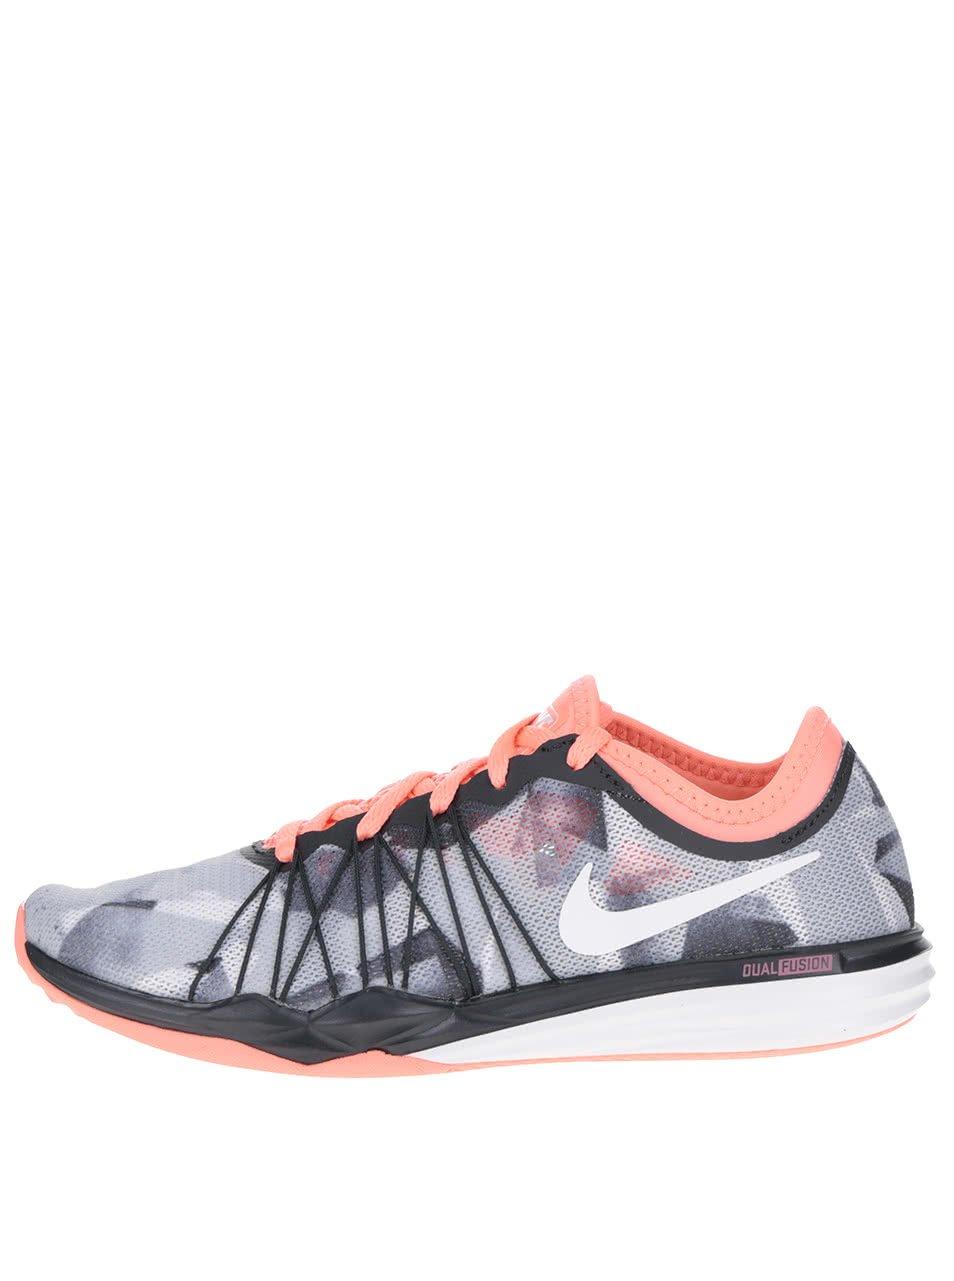 Růžovo-šedé dámské vzorované tenisky Nike Dual Fusion